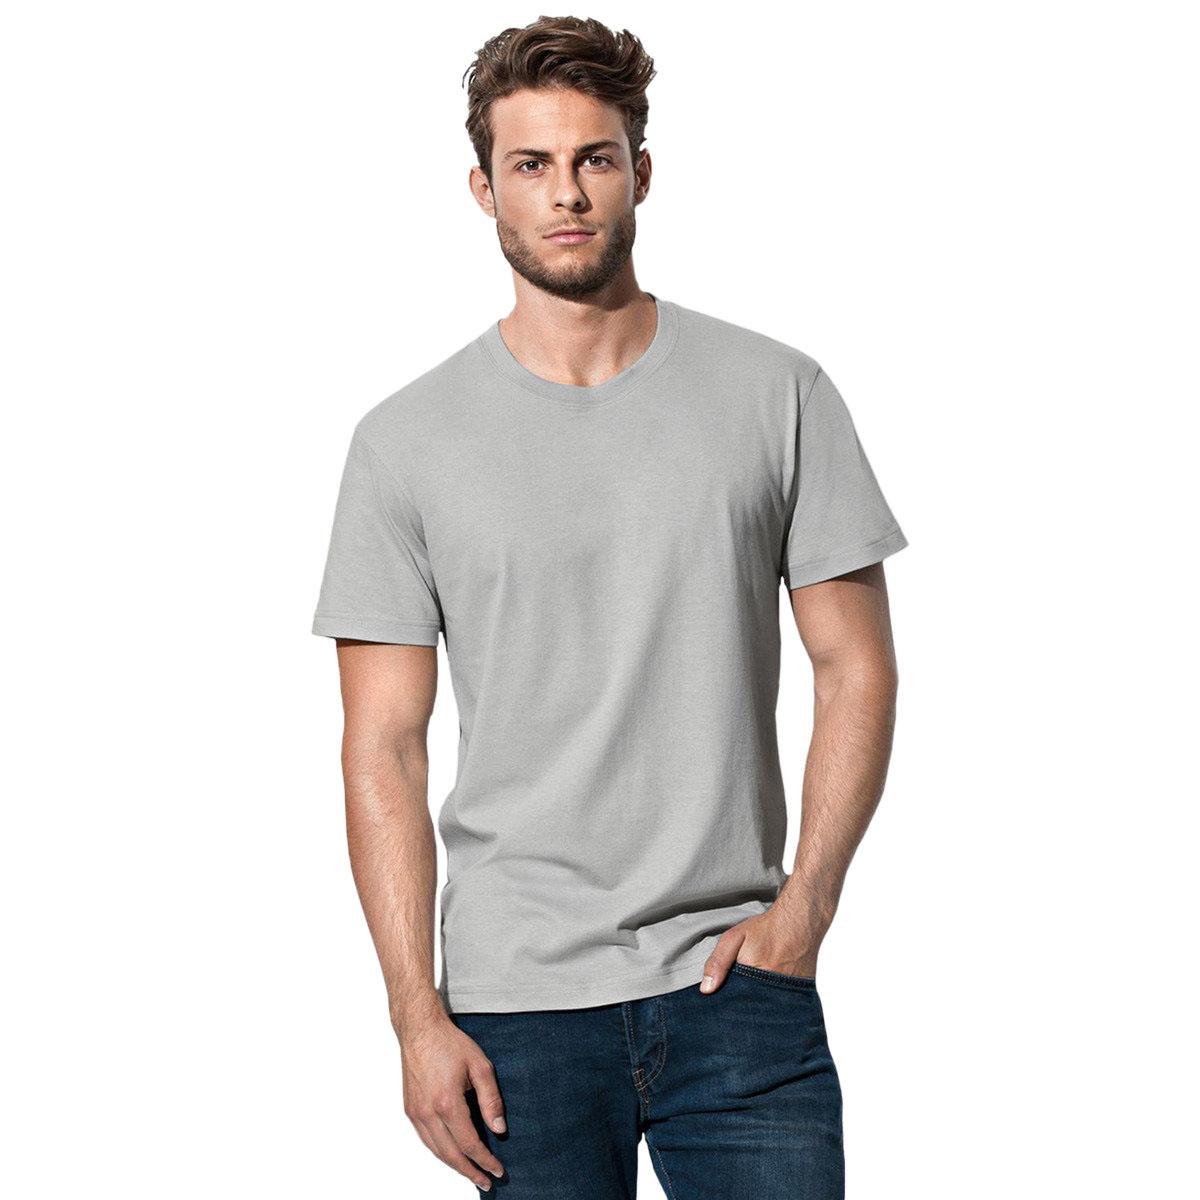 miniature 28 - Stedman - T-shirt classique - Homme (AB269)